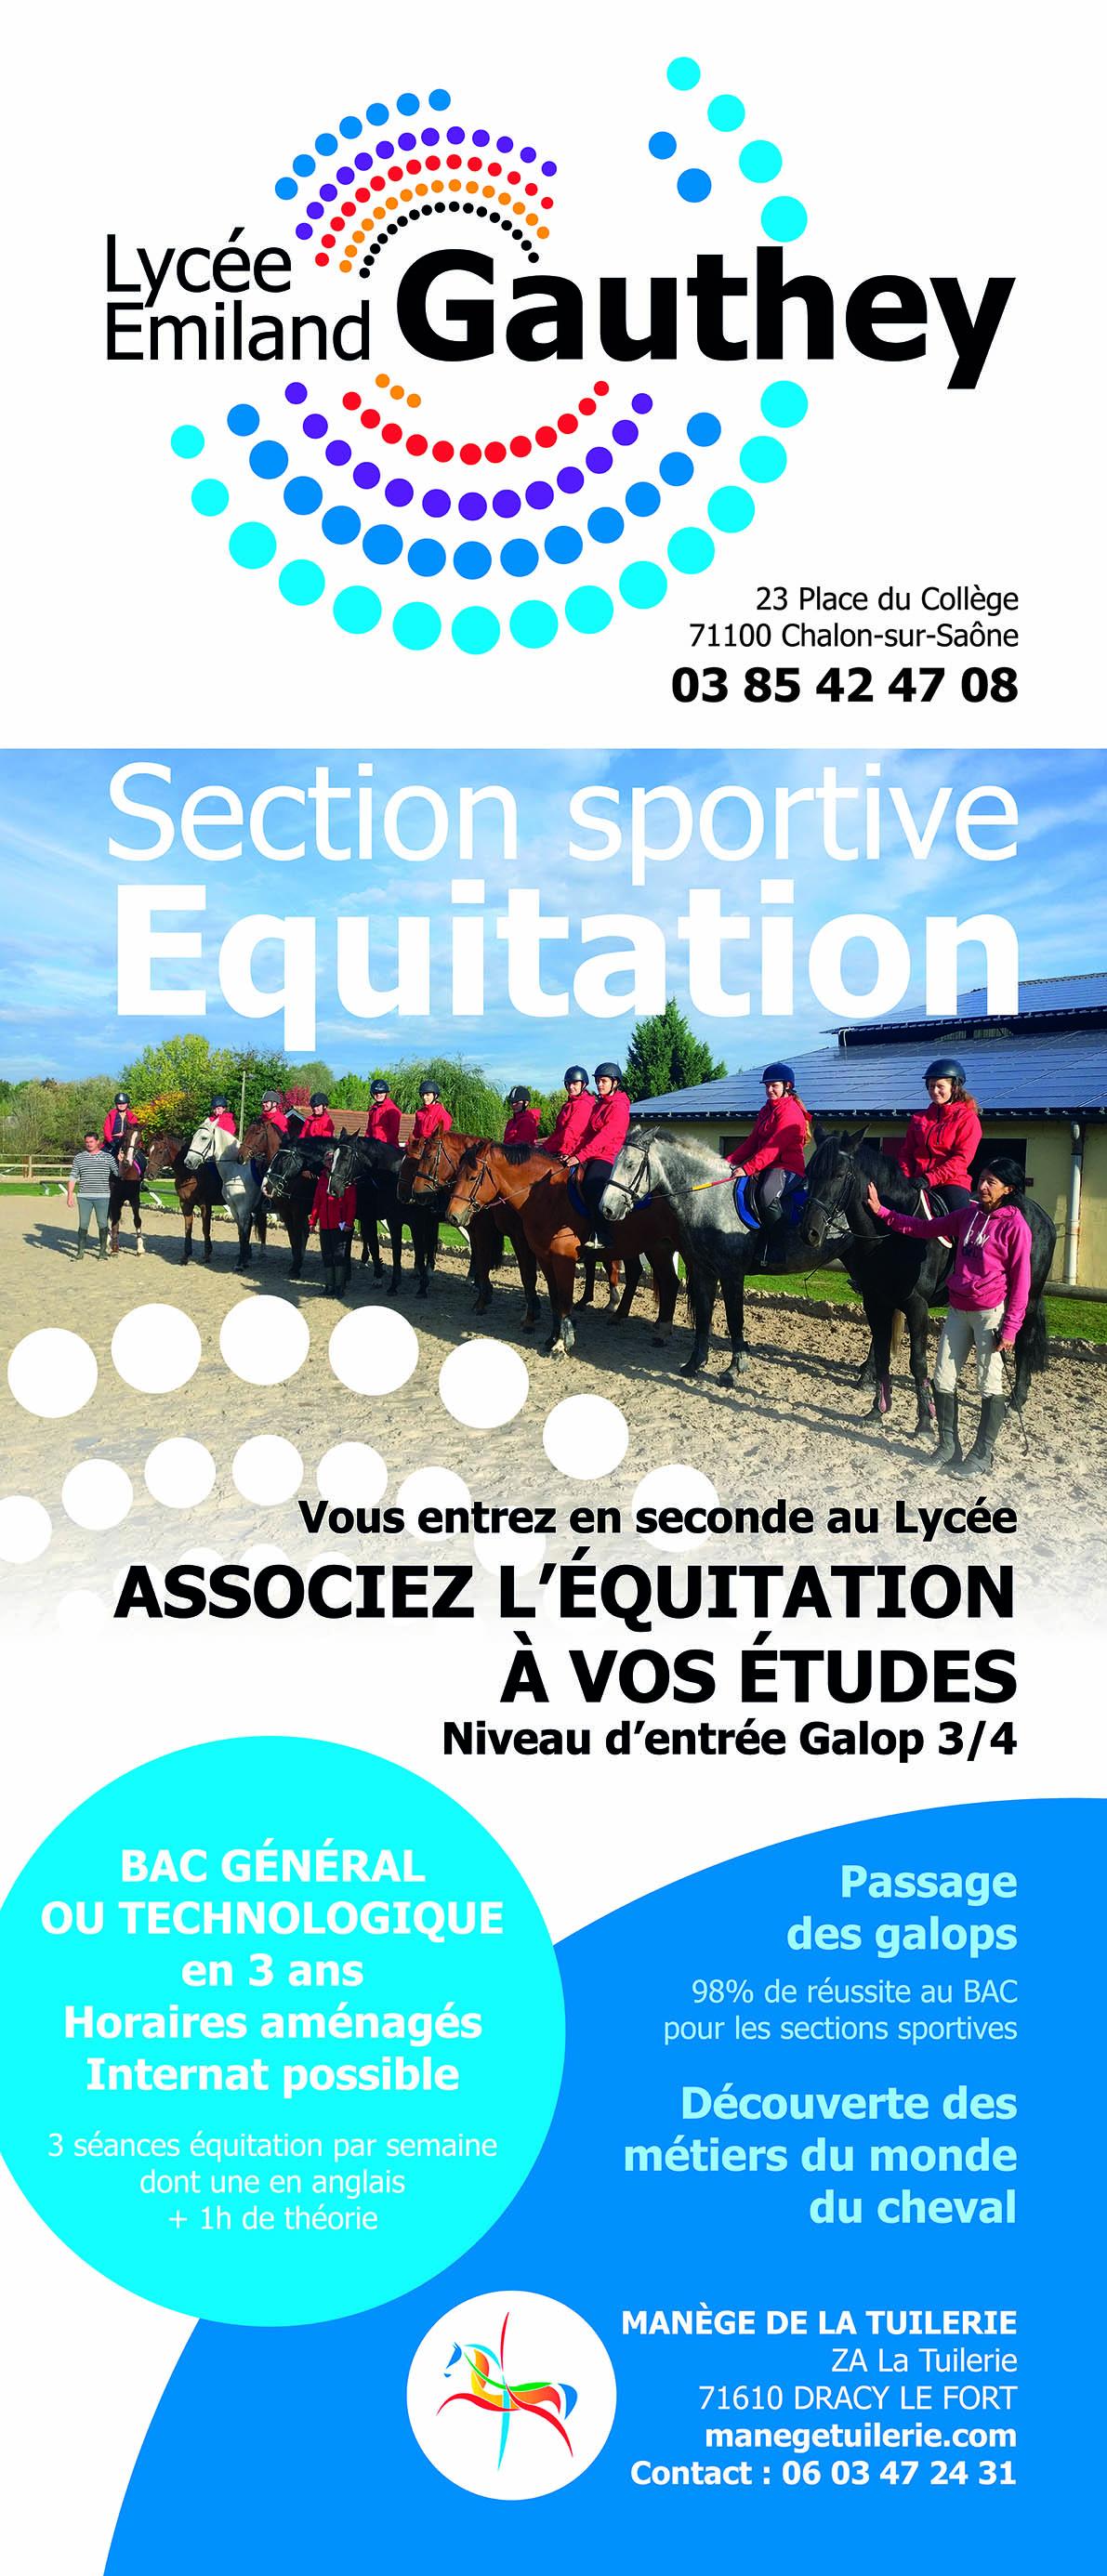 section sportive équitation